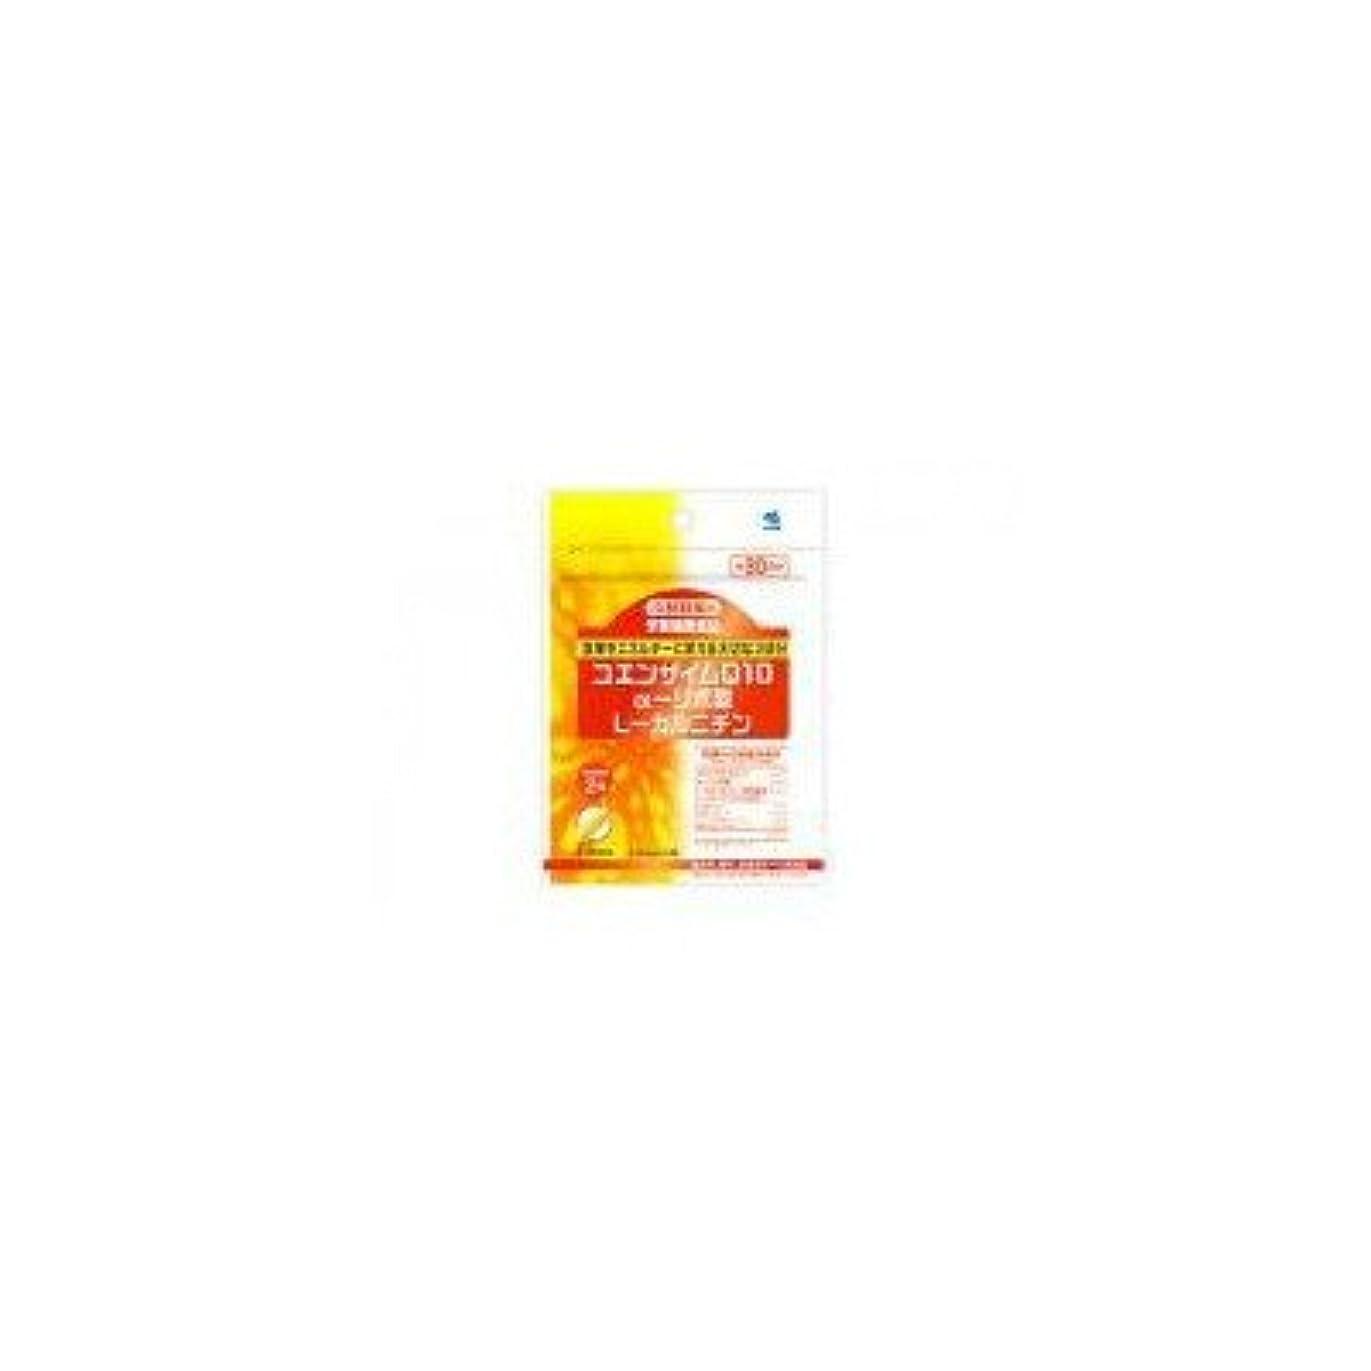 寸法模索清める小林製薬の栄養補助食品 コエンザイムQ10+αリポ酸+Lカルニチン(60粒 約30日分) 4セット